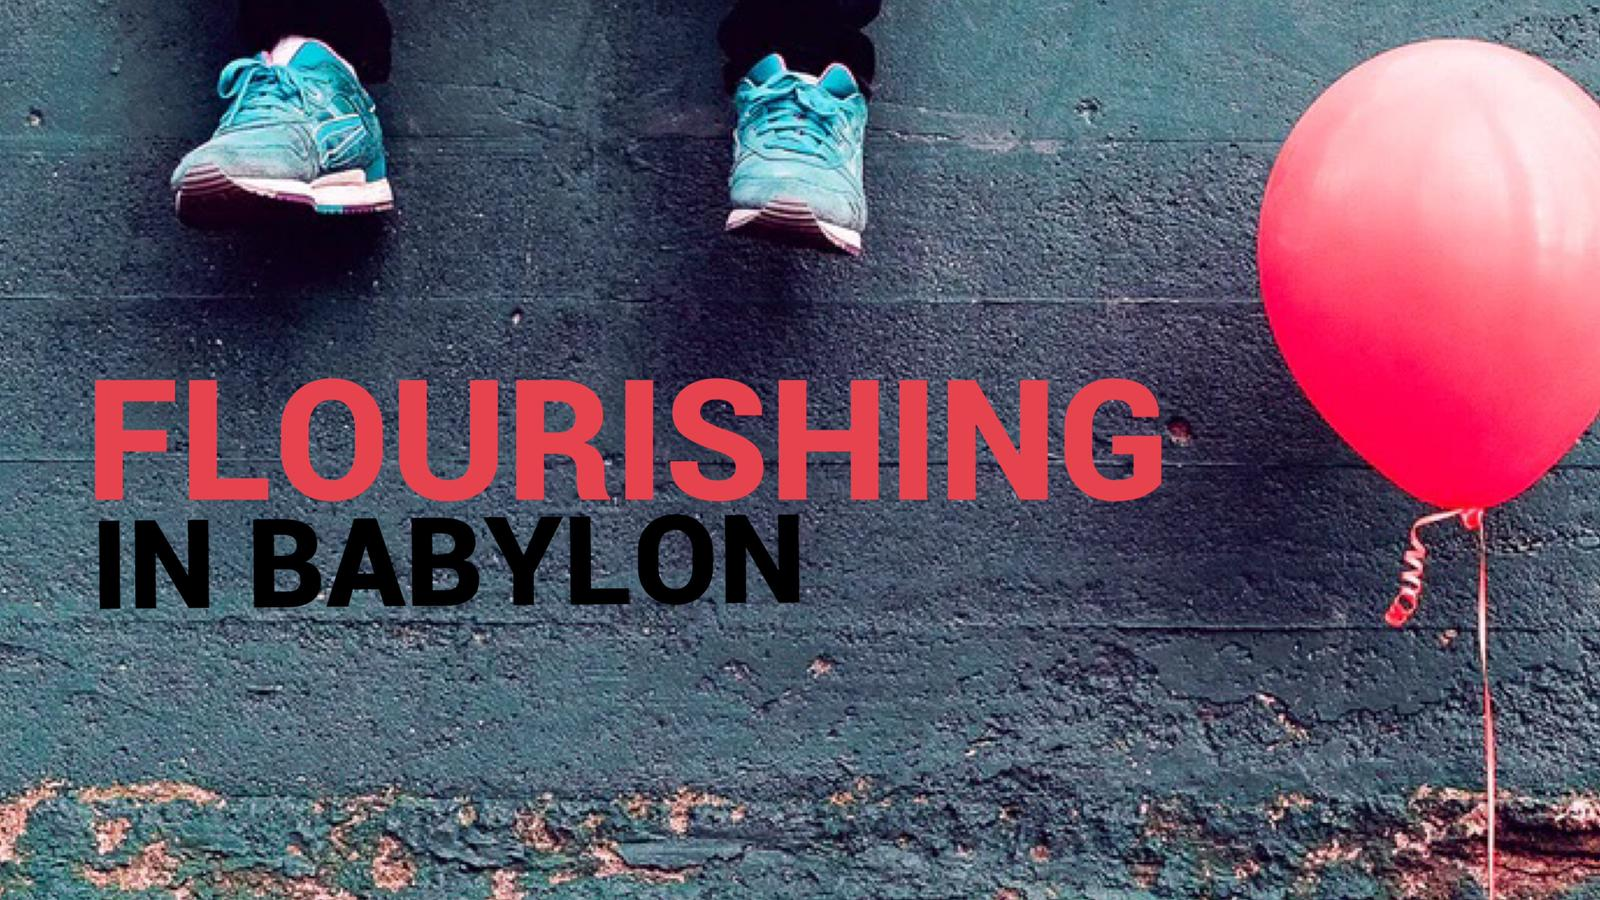 Flourishing in Babylon